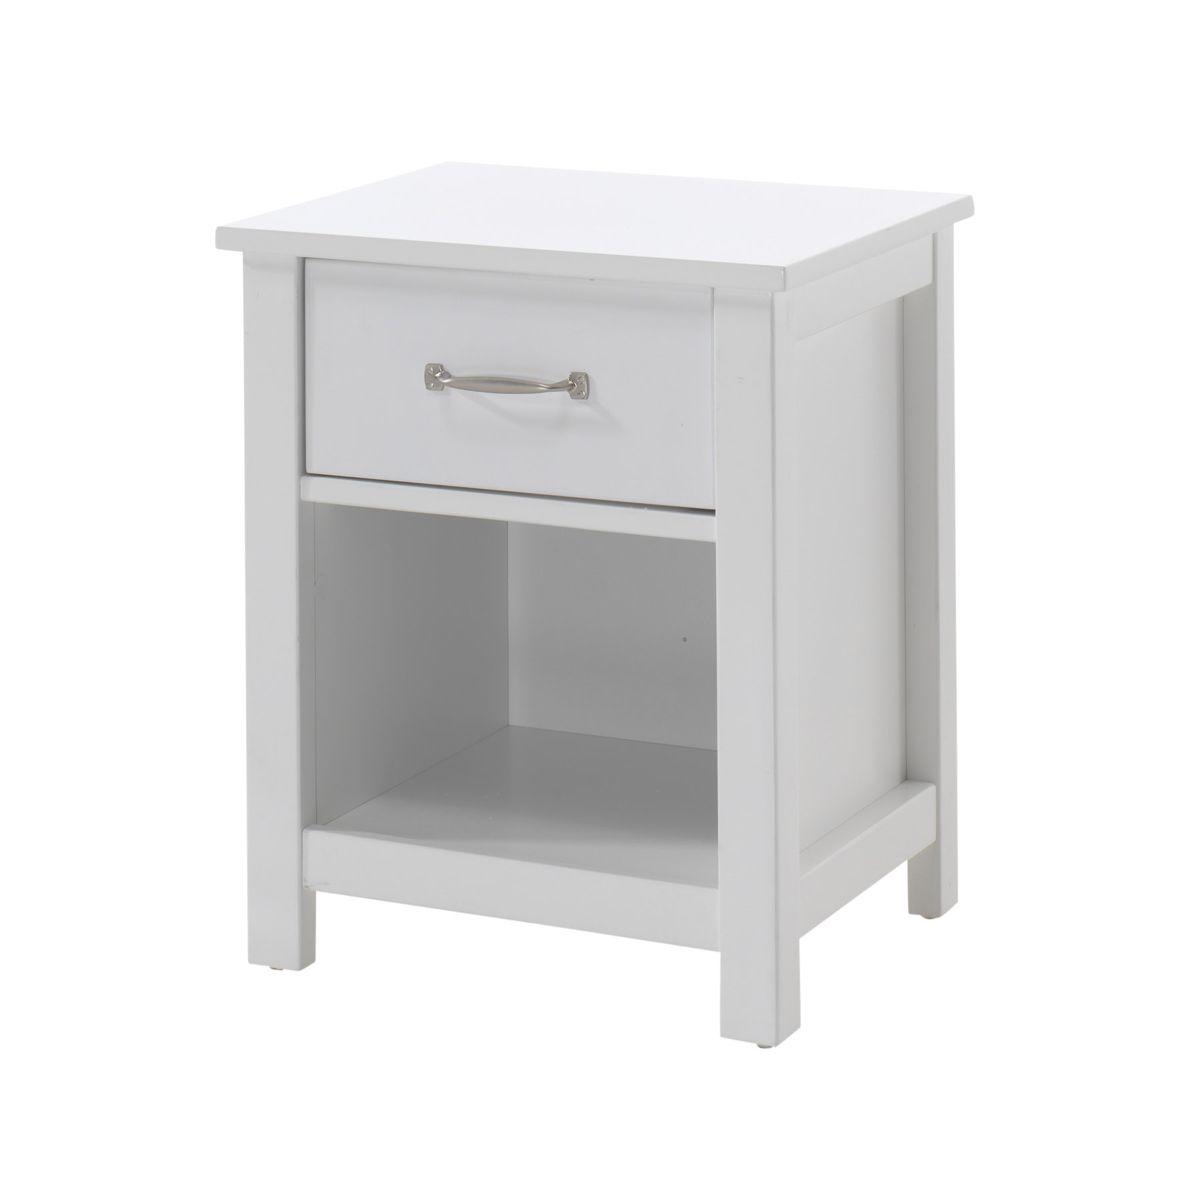 Full Size of Nachttisch Kinderzimmer Mit Schublade Online Furnart Regal Sofa Regale Weiß Kinderzimmer Nachttisch Kinderzimmer